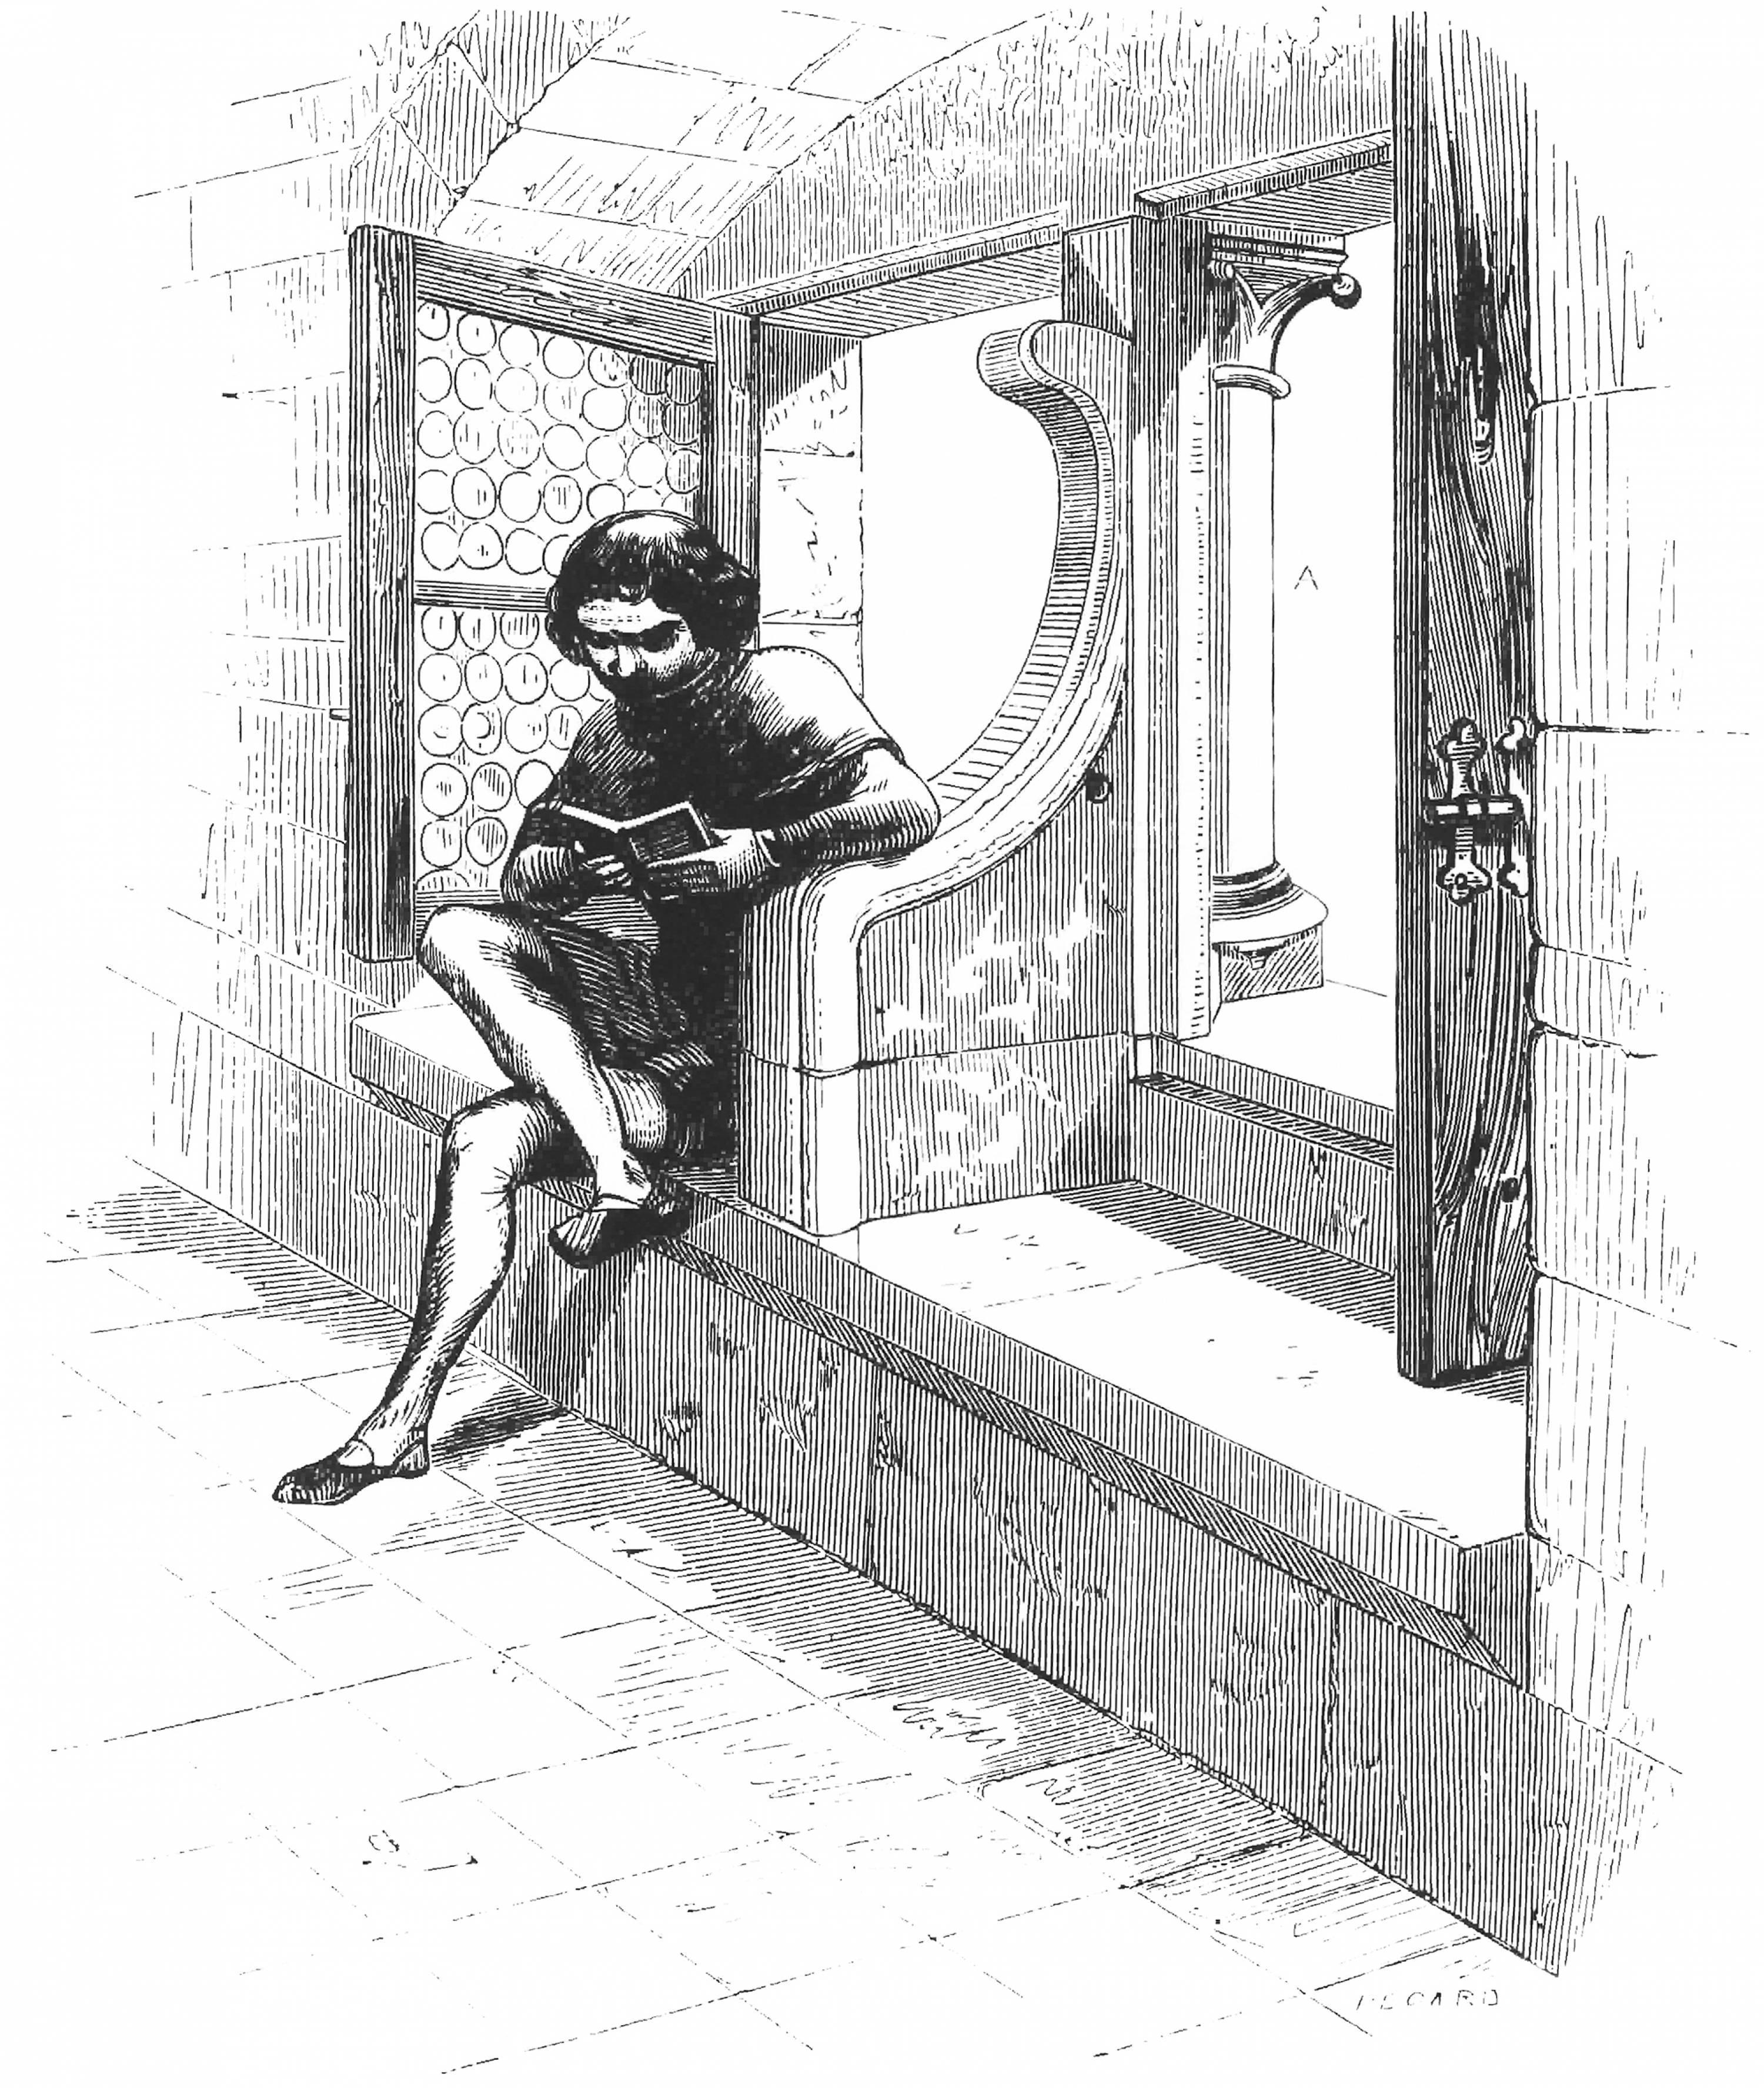 Illustration extraite du Dictionnaire raisonné de l'architecture française, Viollet-le-Duc